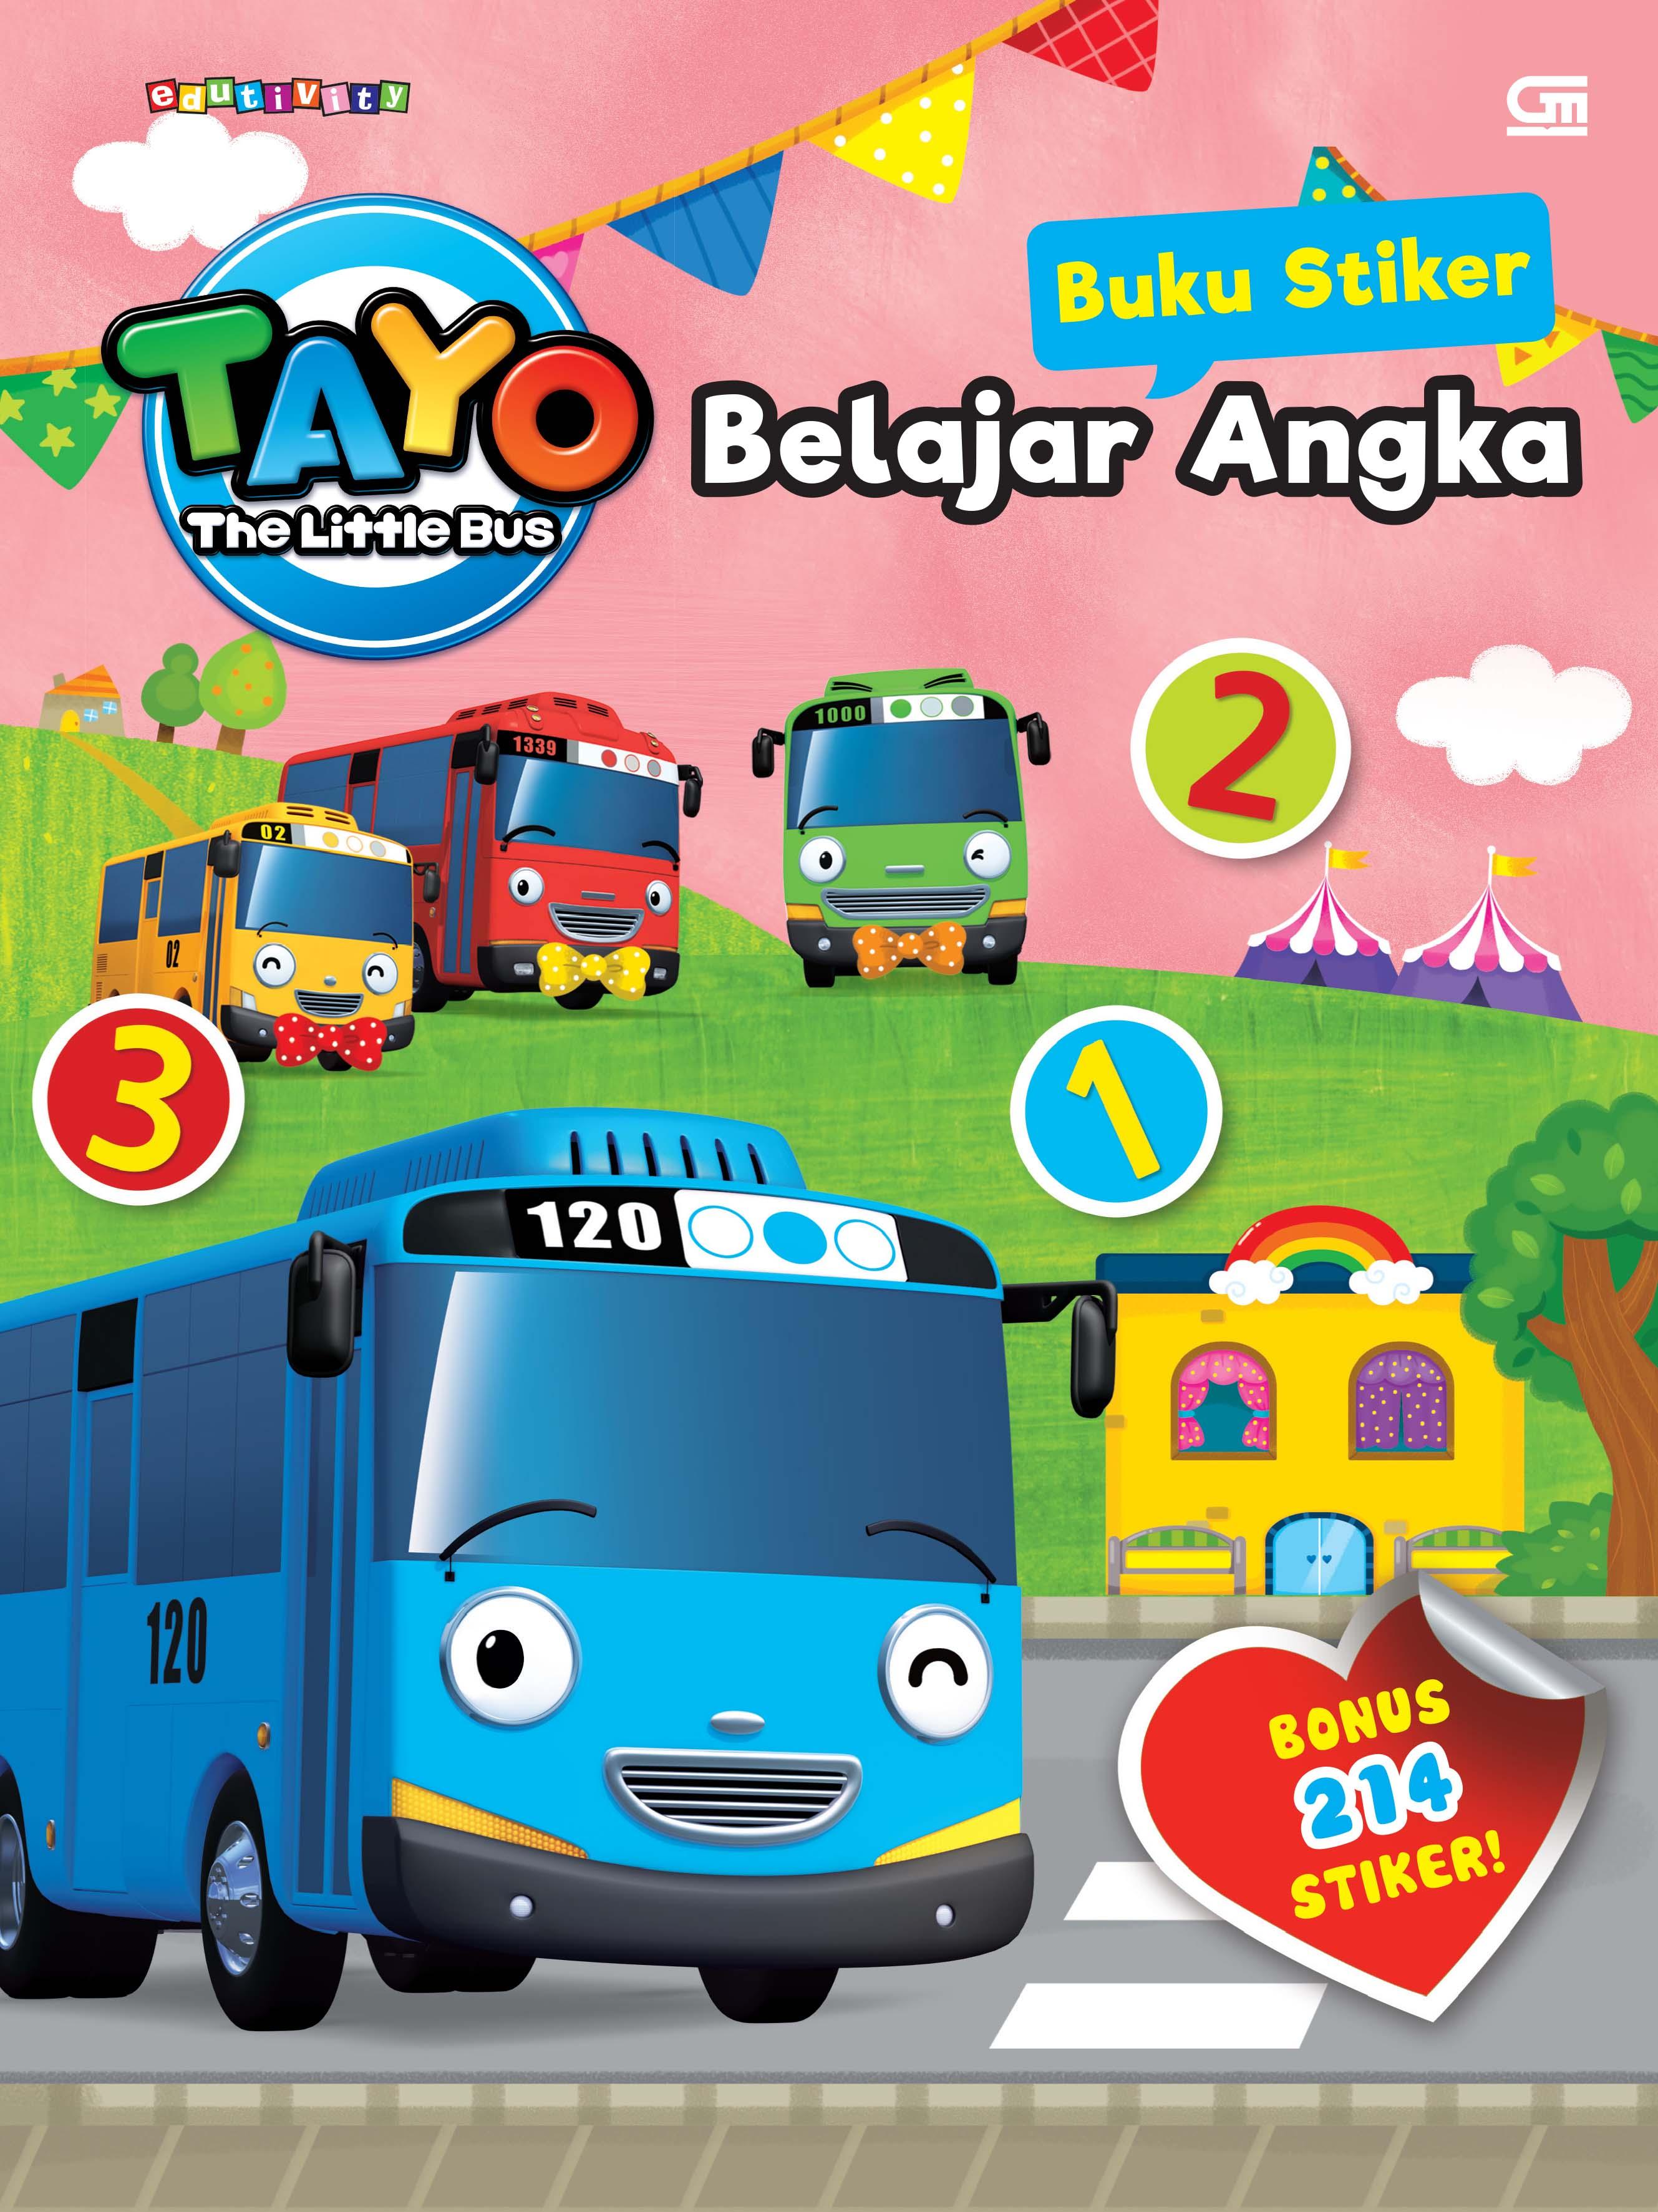 Tayo the Little Bus: Buku Stiker: Belajar Angka